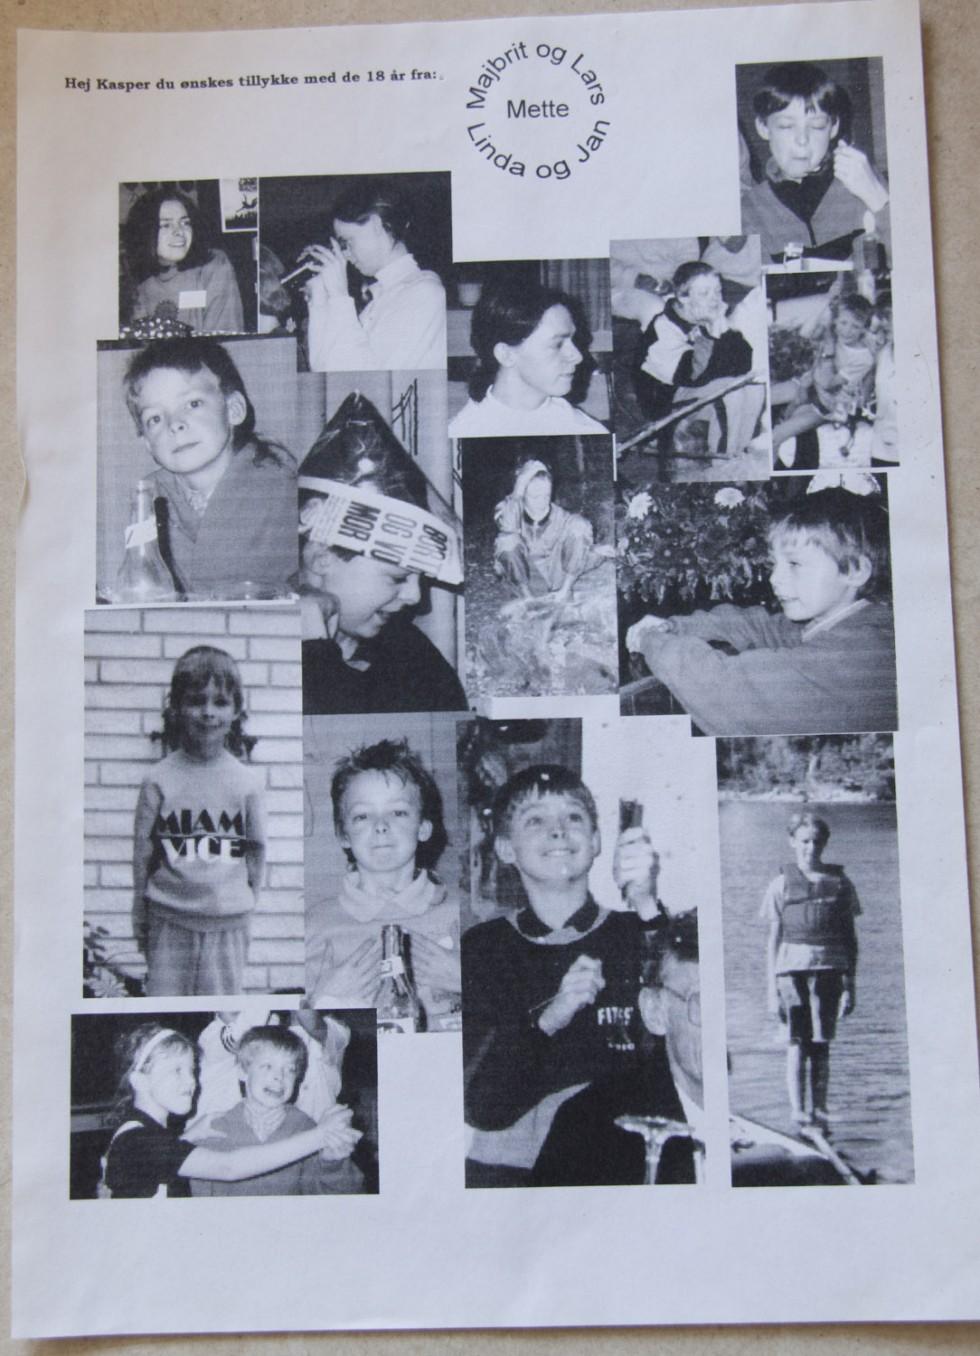 Billedecollage fra min 18 års fødselsdag. Her er vist også et enkelt billede med det lange garn.